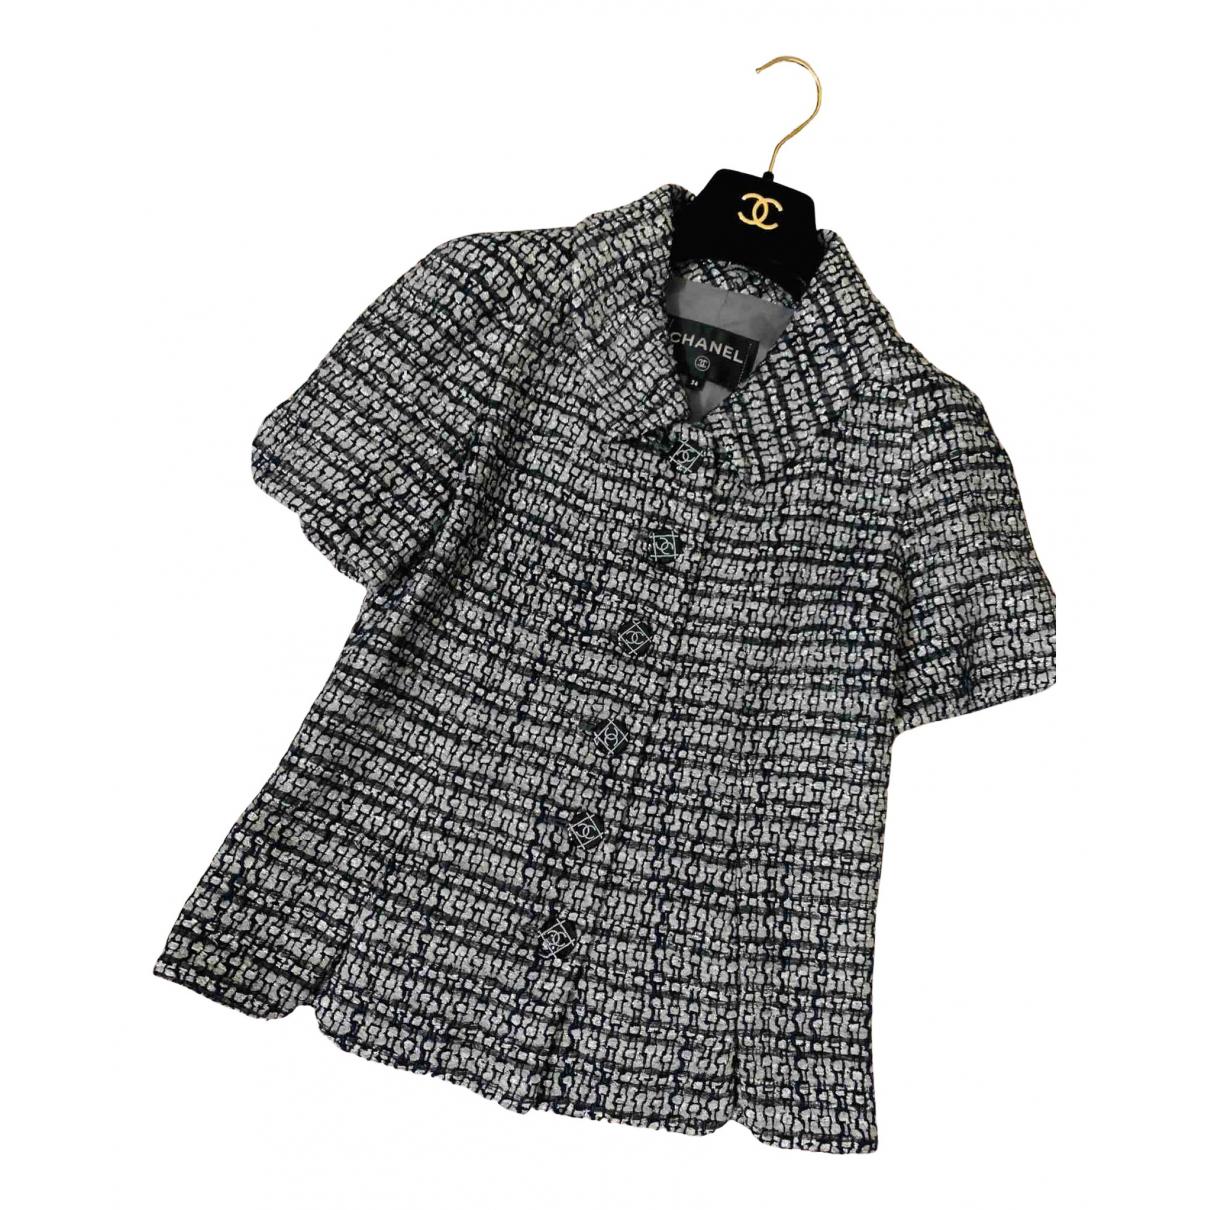 Chanel - Veste   pour femme - multicolore